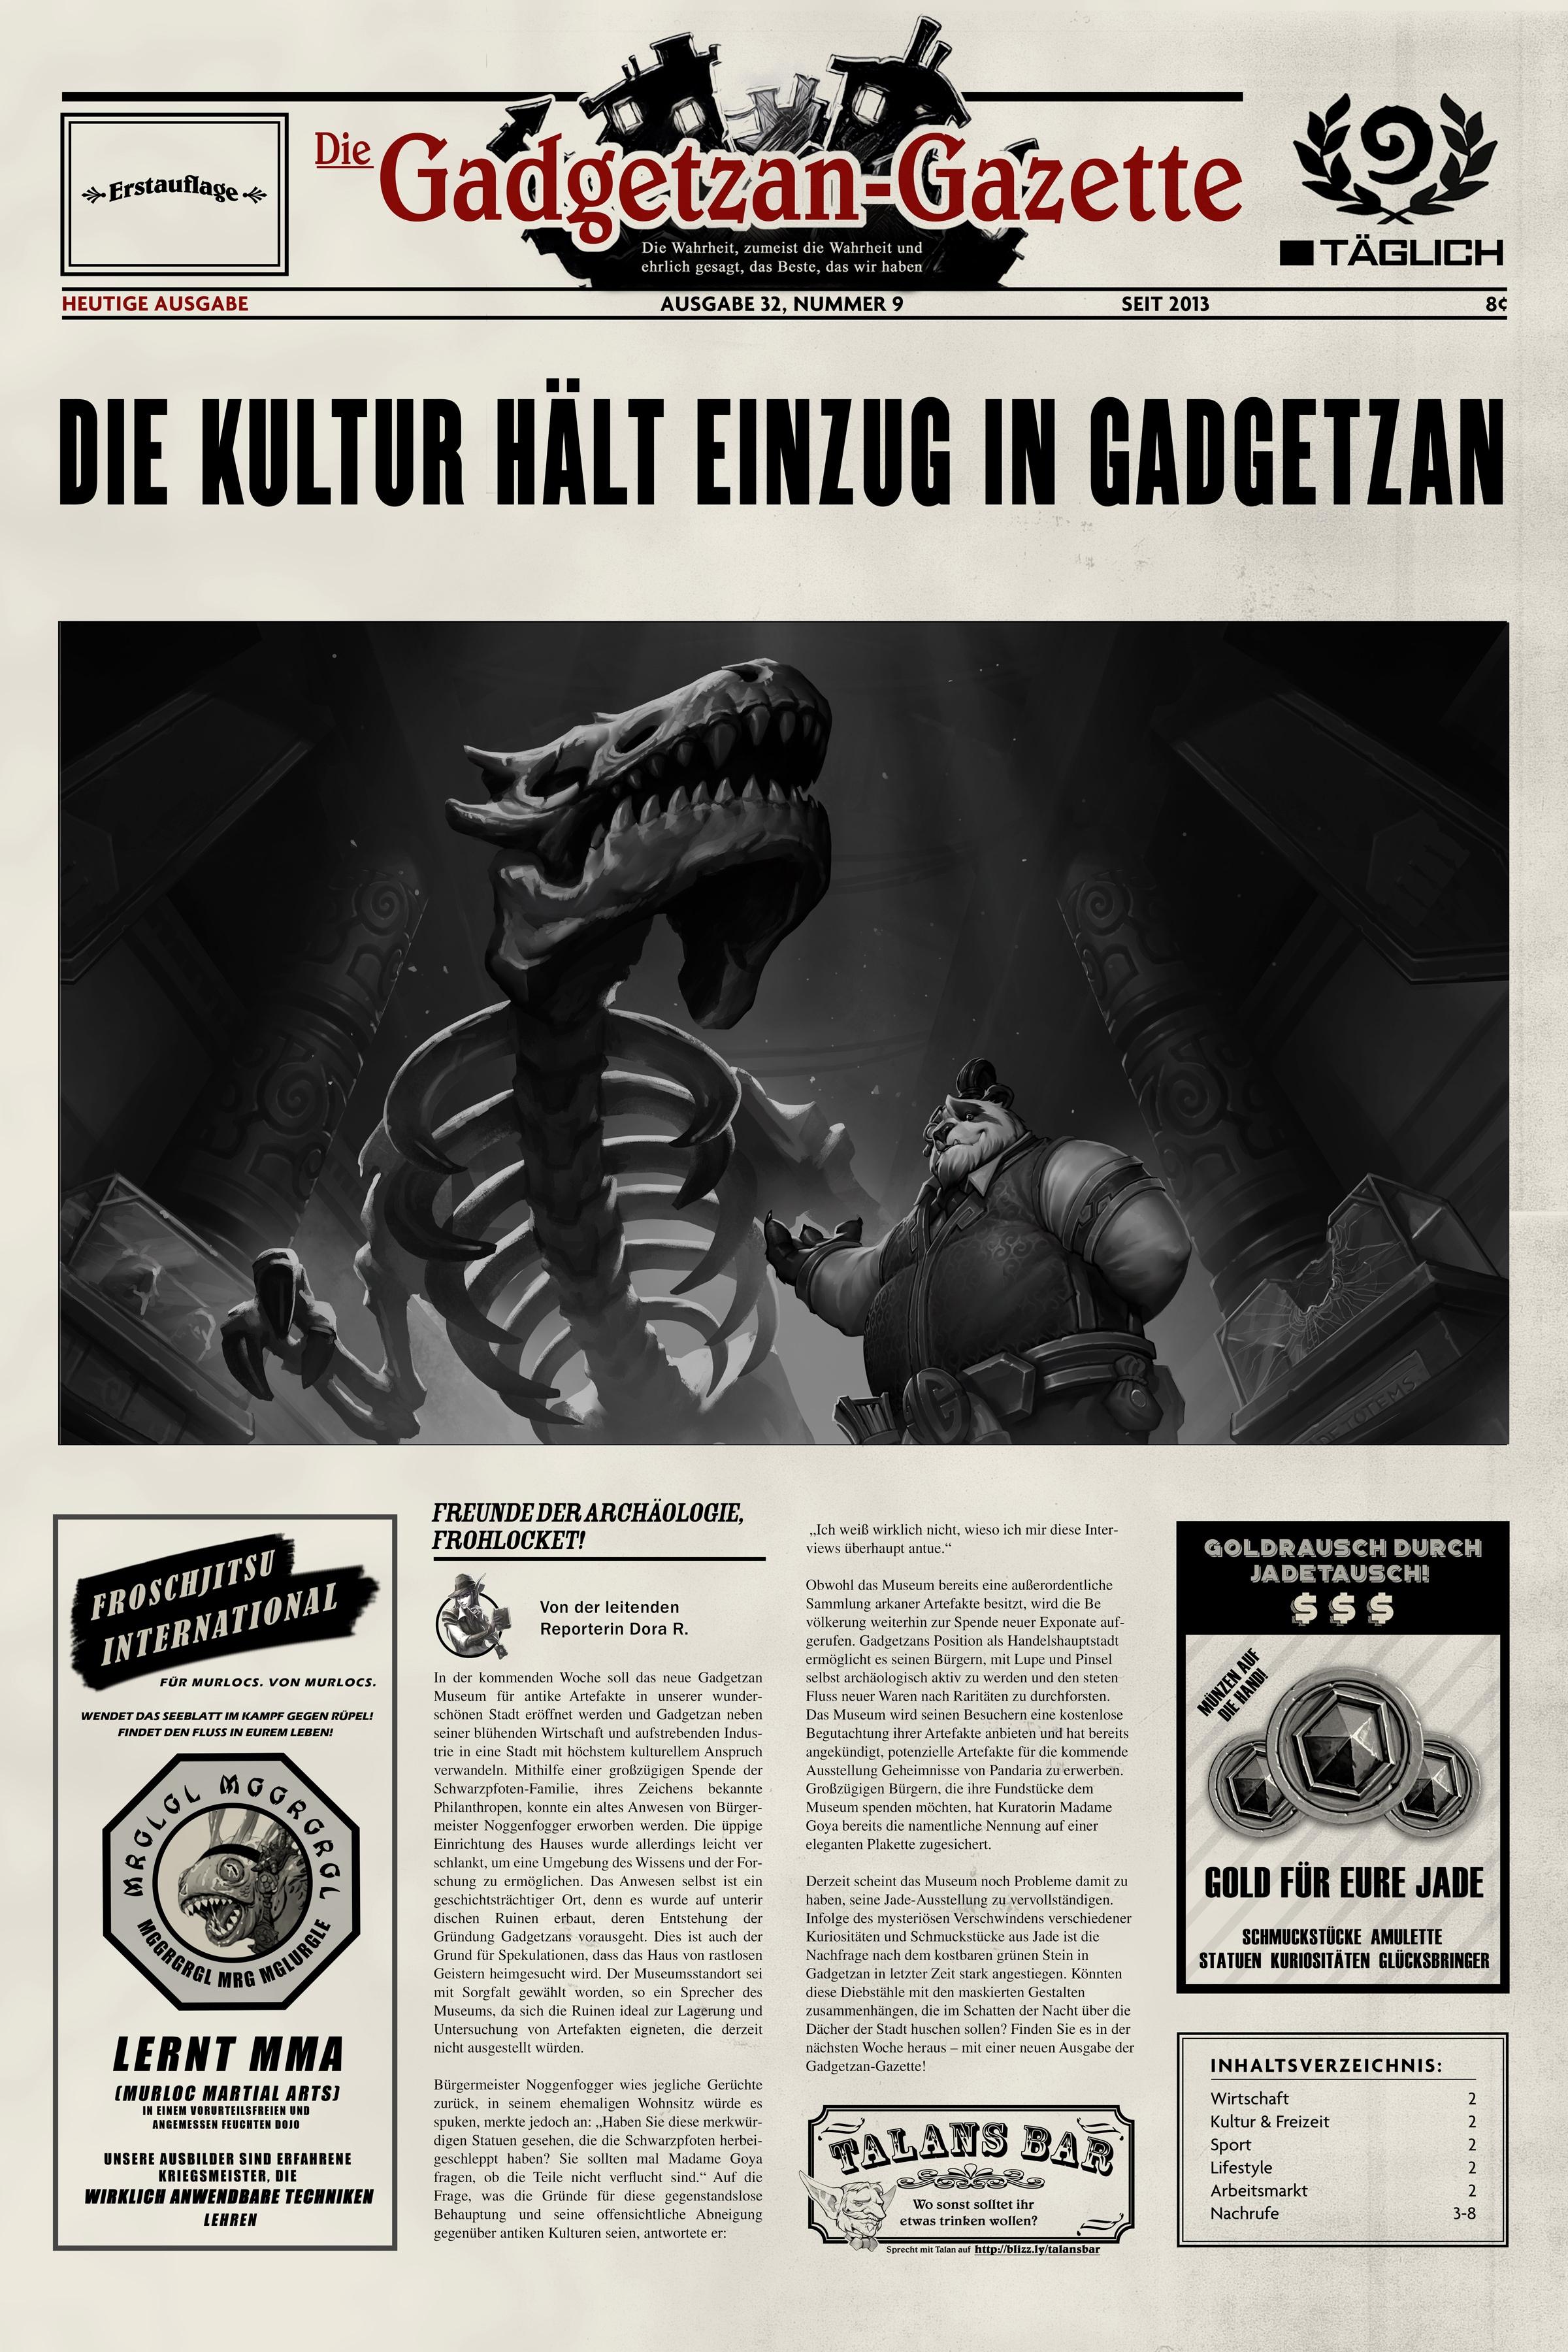 03Museum_deDE_HS_Newspaper_LW_2400x3600.jpg